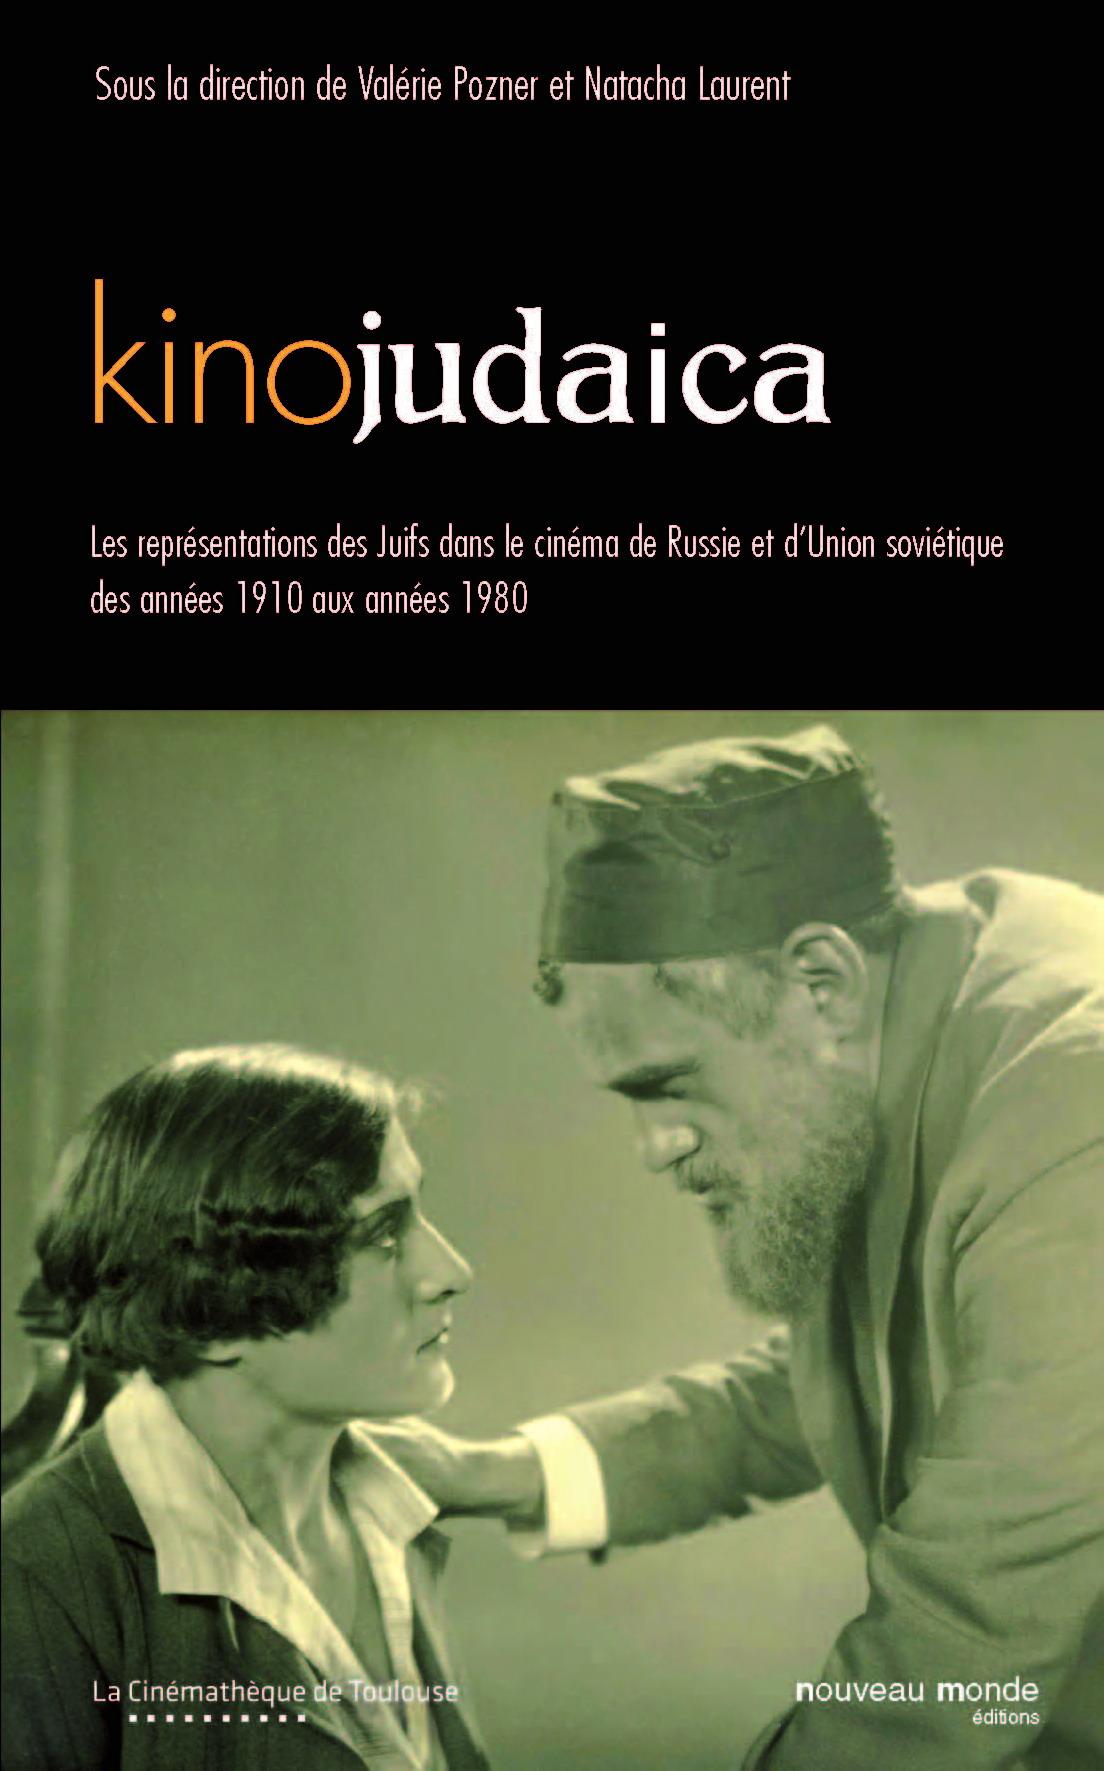 Kinojudaica. Les representations des Juifs dans le cinema de Russie et d`Union sivietique des années 1910 aux années 1980